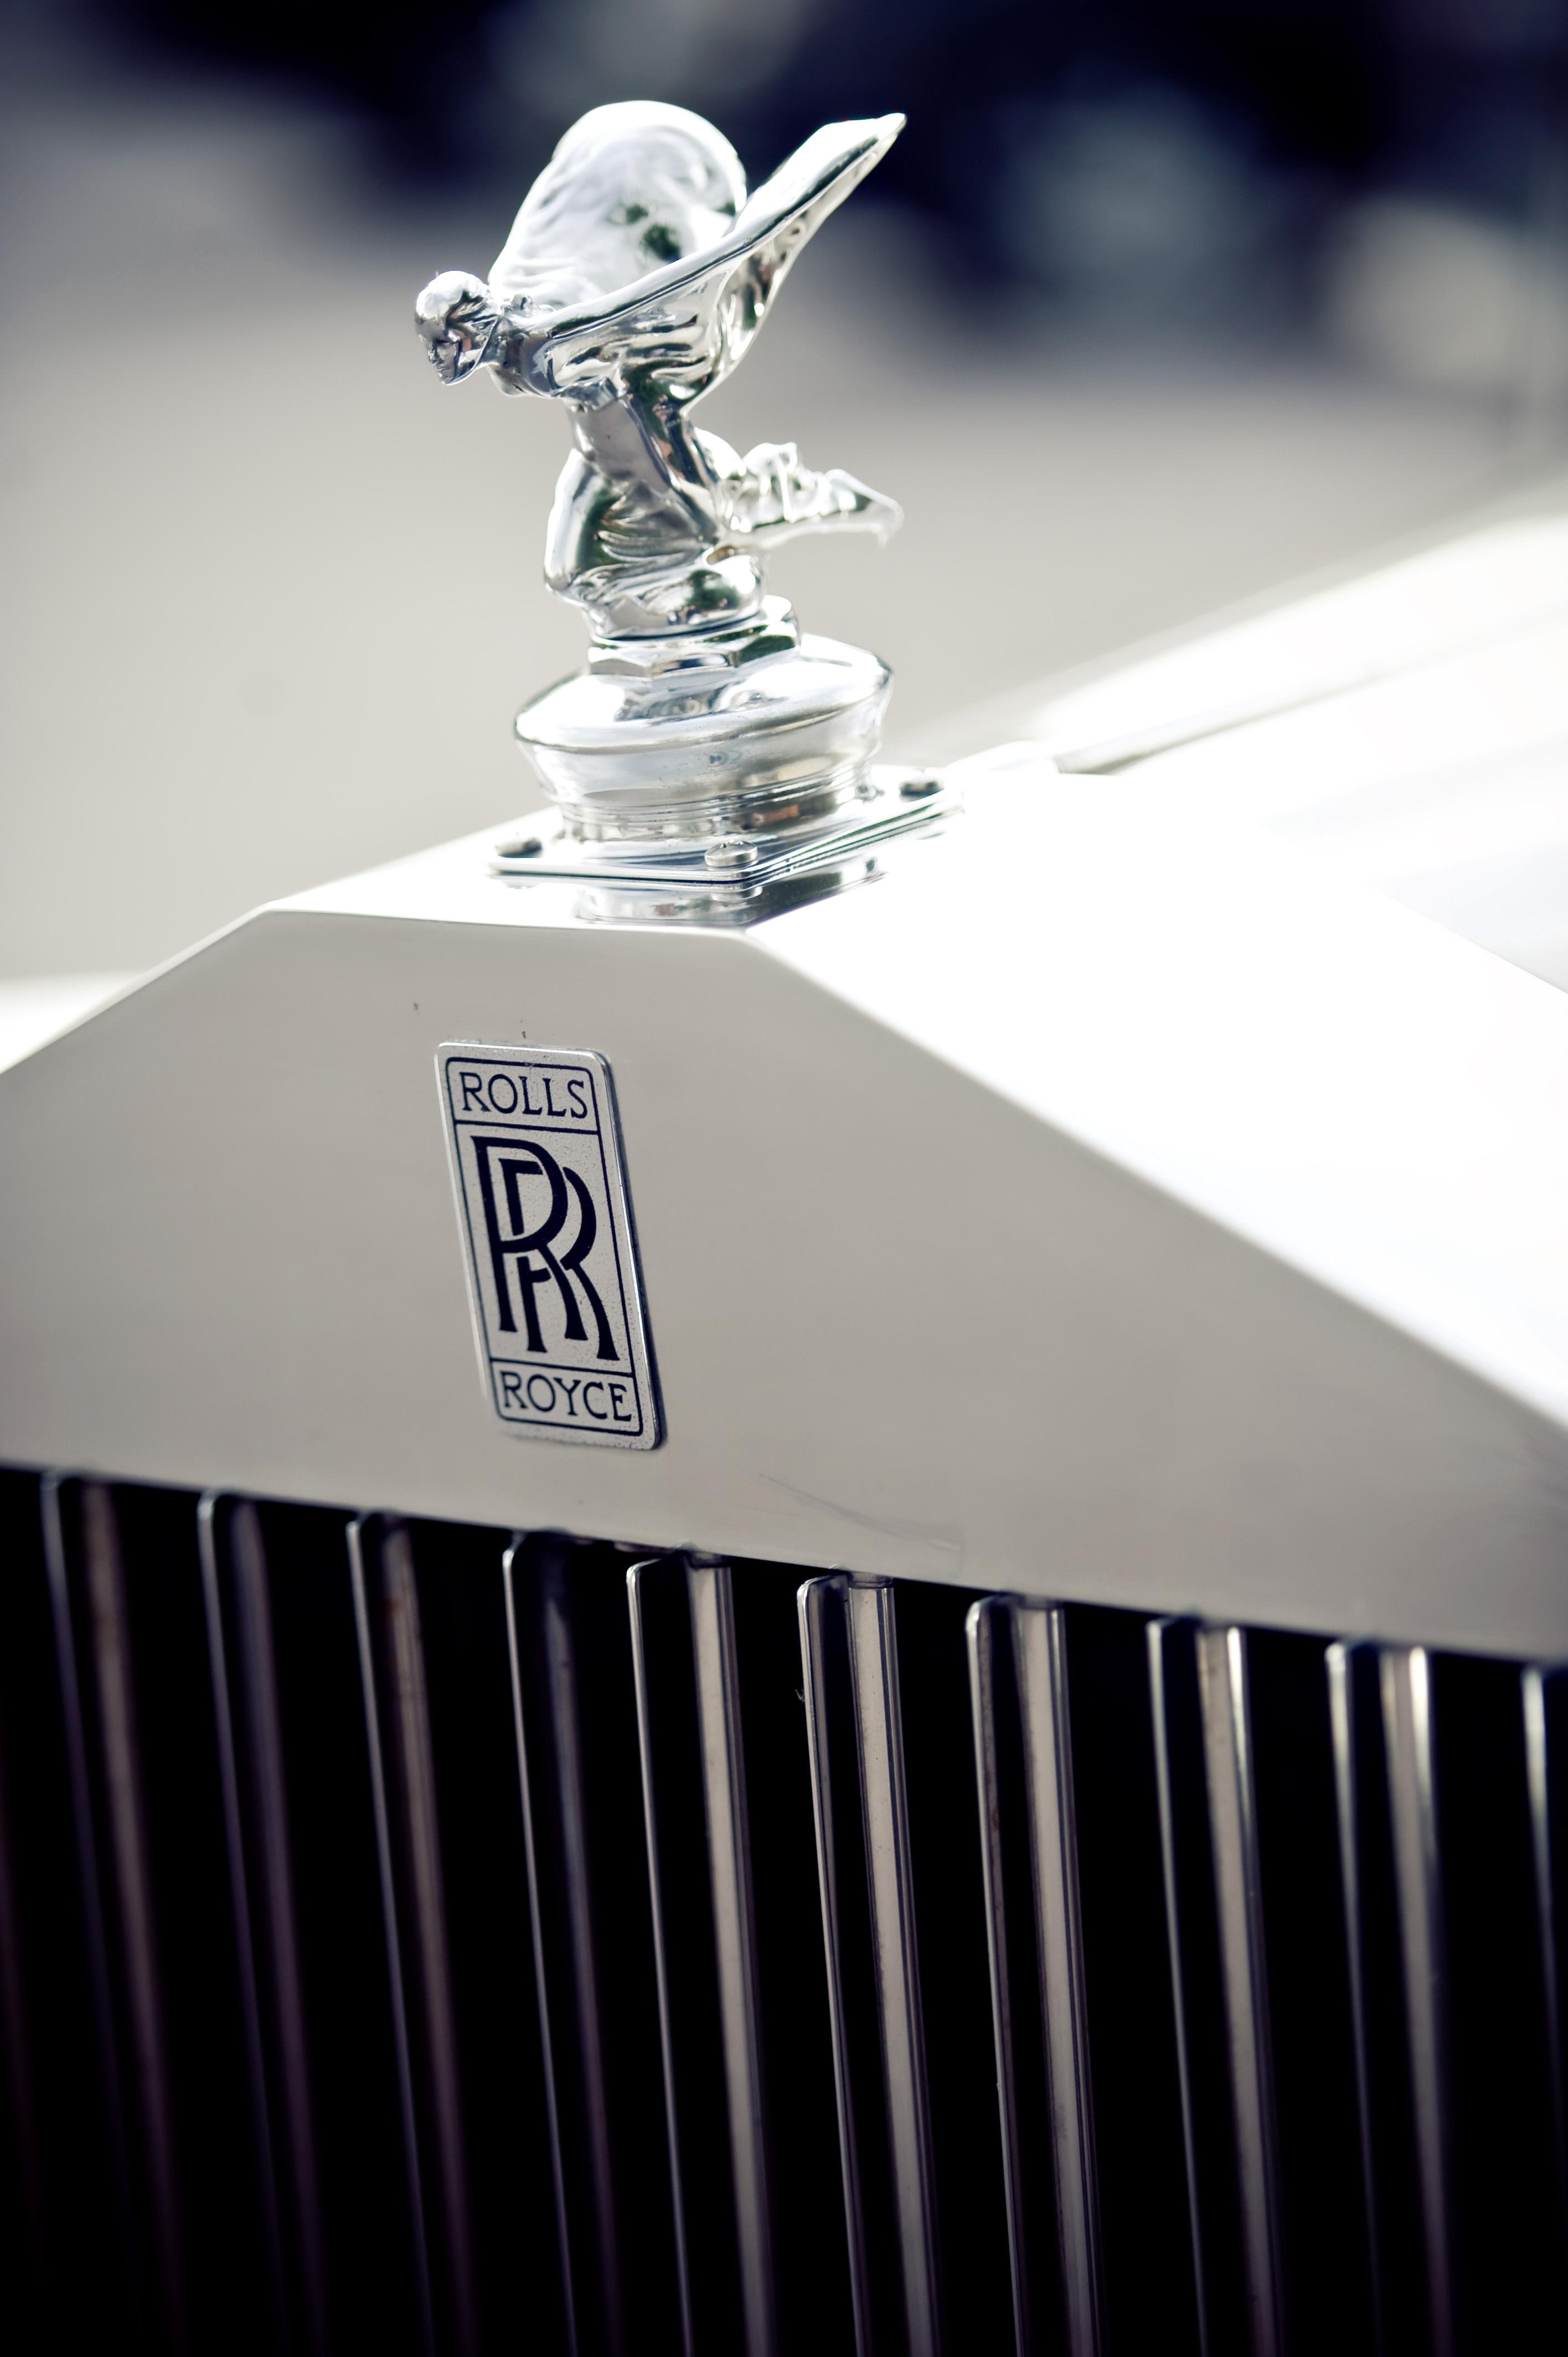 Rolls, Royce